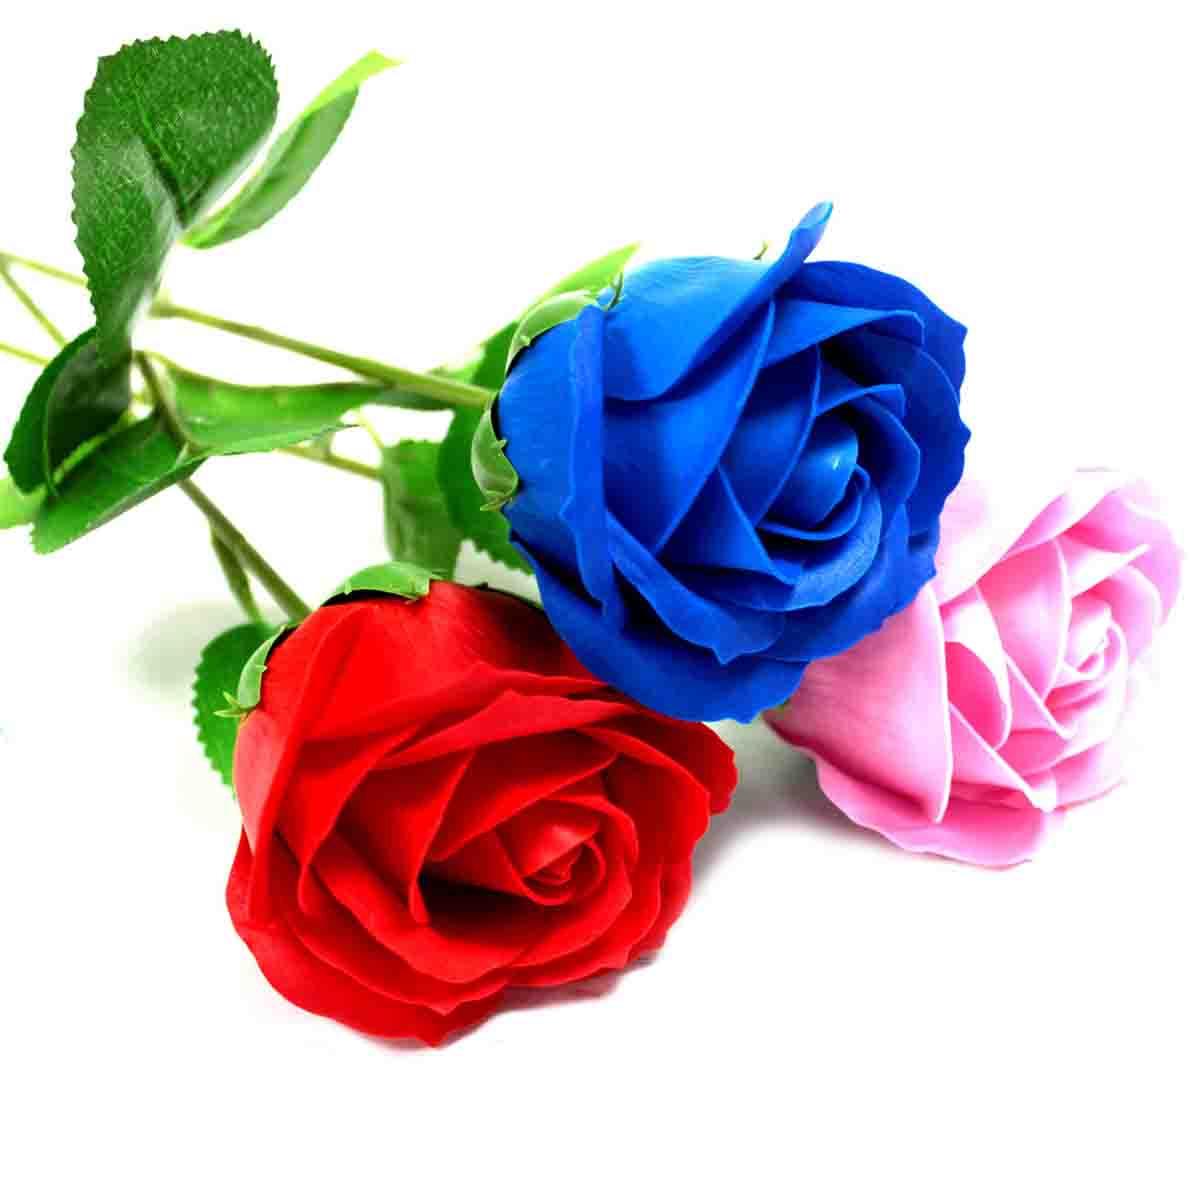 Fleurs_en_savon_pour_le_bain_Rose_chez_AM-Cosmetiques.jpg